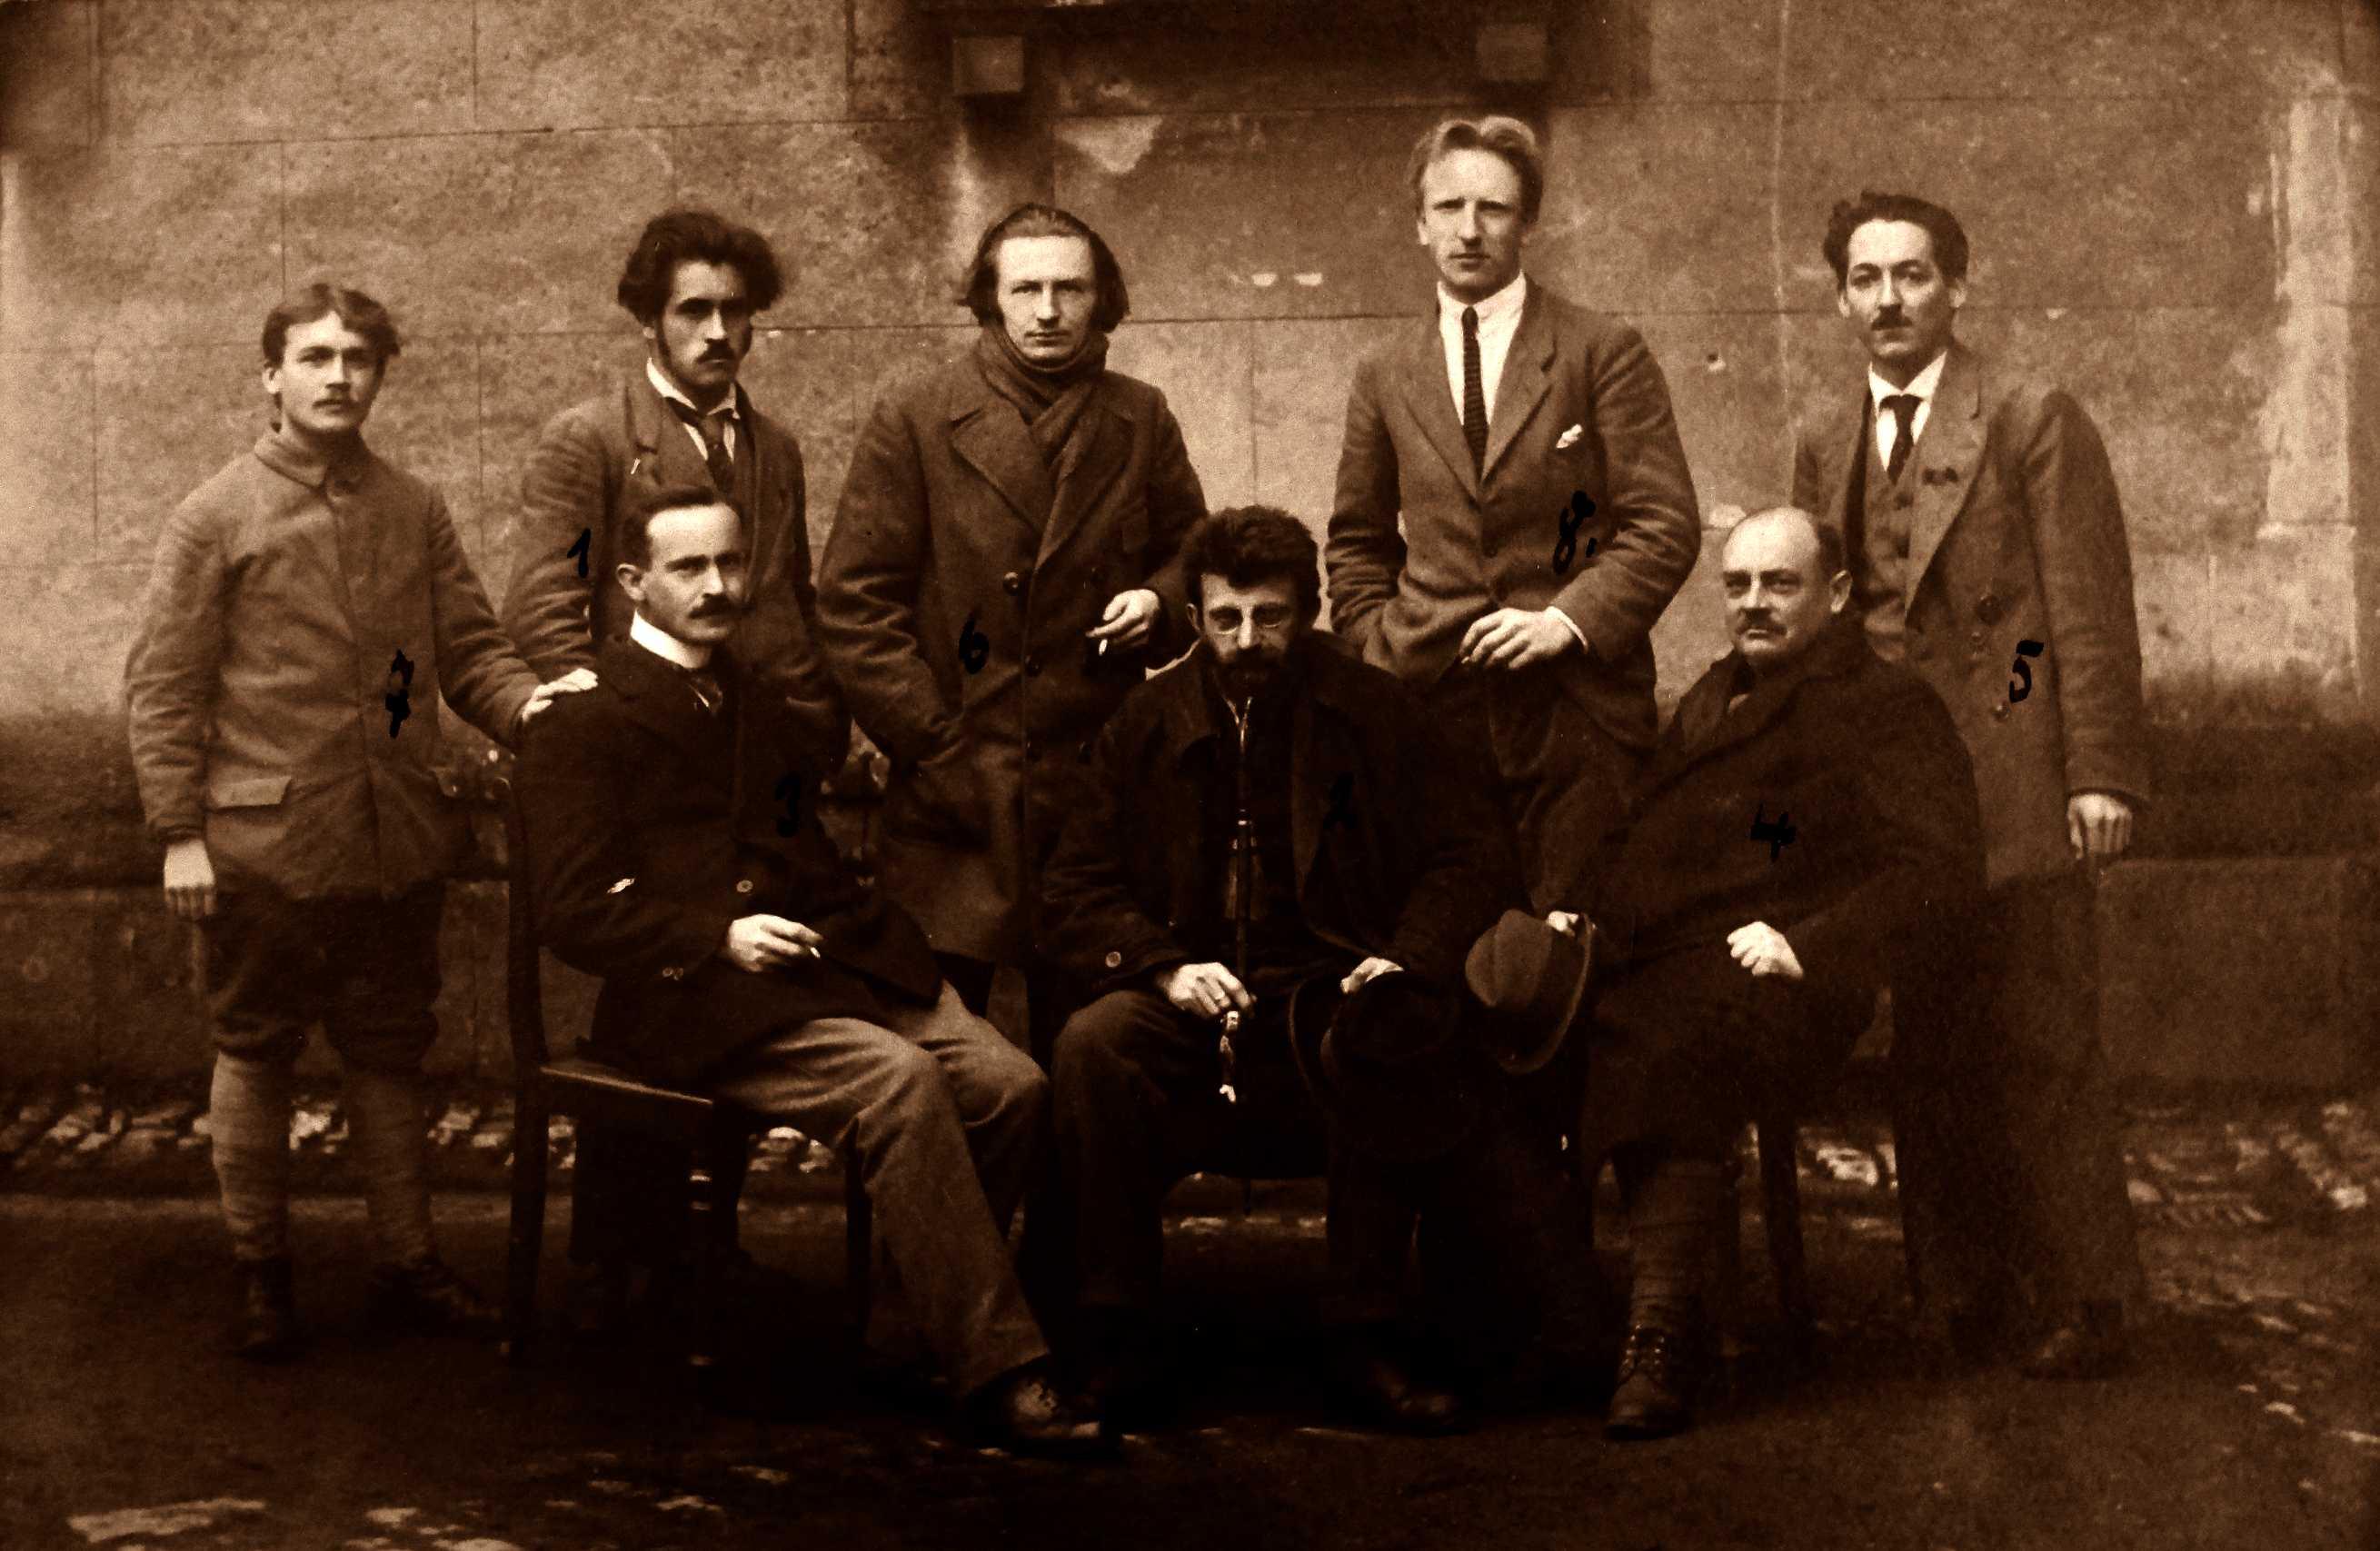 Membres del Consell Executiu de la República dels Consells a la presó d'Ansbach fotografiats per Eugen Barberich l'abril de 1919: 1) Toni Waibel (condemnat a 15 anys), 2) Erich Mühsam (15 anys), 3) August Hagemeister (10 anys), 4) Willy Olaschefski (7 anys), 5) Josef Rever (4 anys), 6 Rudof R. Hartig (2 anys), 7) M. Reishert (12 anys) i 8) Saúl Gerassel (14? anys); Saúl Forester (3 anys) i Hans Klein (6 anys) no figuren a la foto